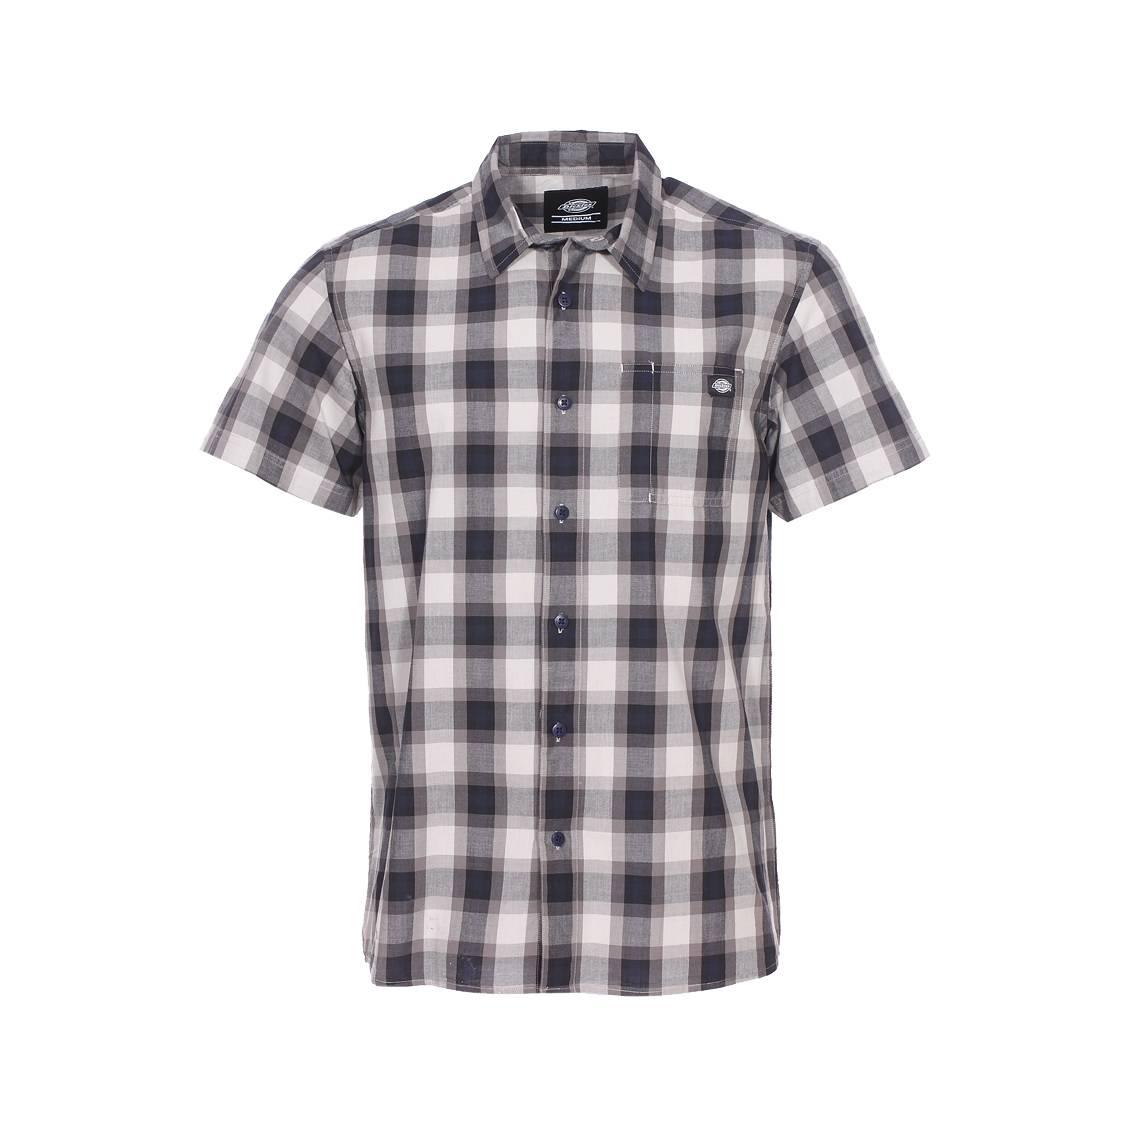 Chemise manches courtes  bryson en coton à carreaux gris et bleu marine